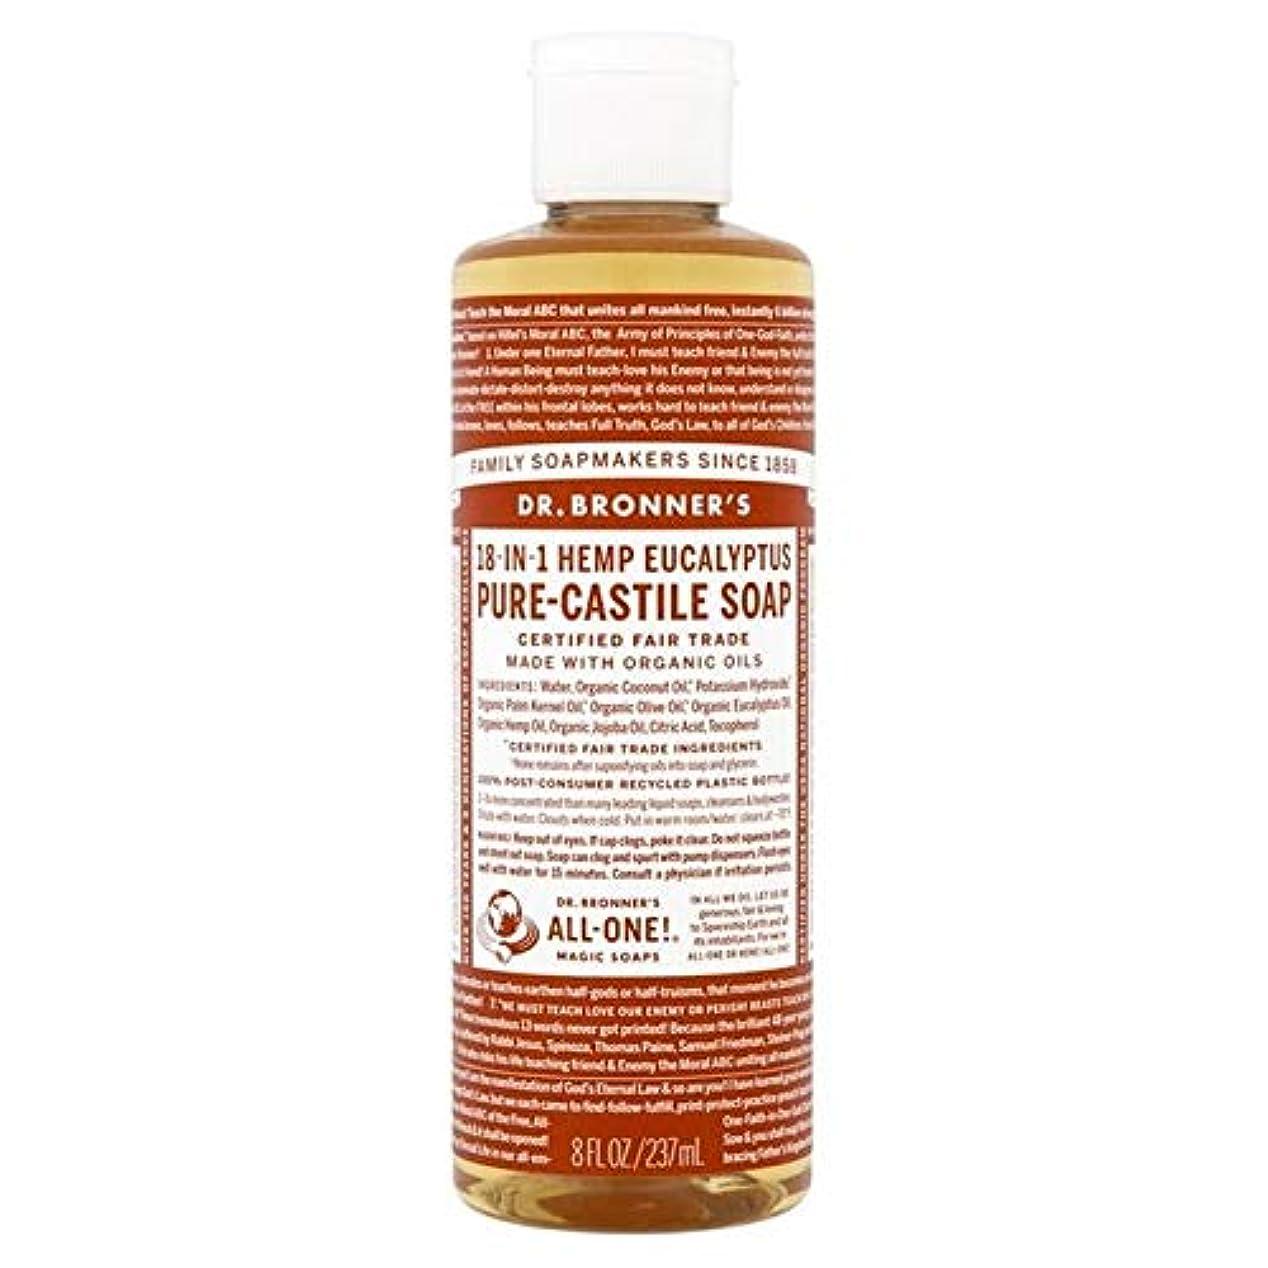 ディレクトリ呼び起こす人種[Dr Bronner] Dr。ブロナーズ有機ユーカリの純粋な-カスティーリャ液体石鹸237ミリリットル - Dr. Bronner's Organic Eucalyptus Pure-Castile Liquid Soap...